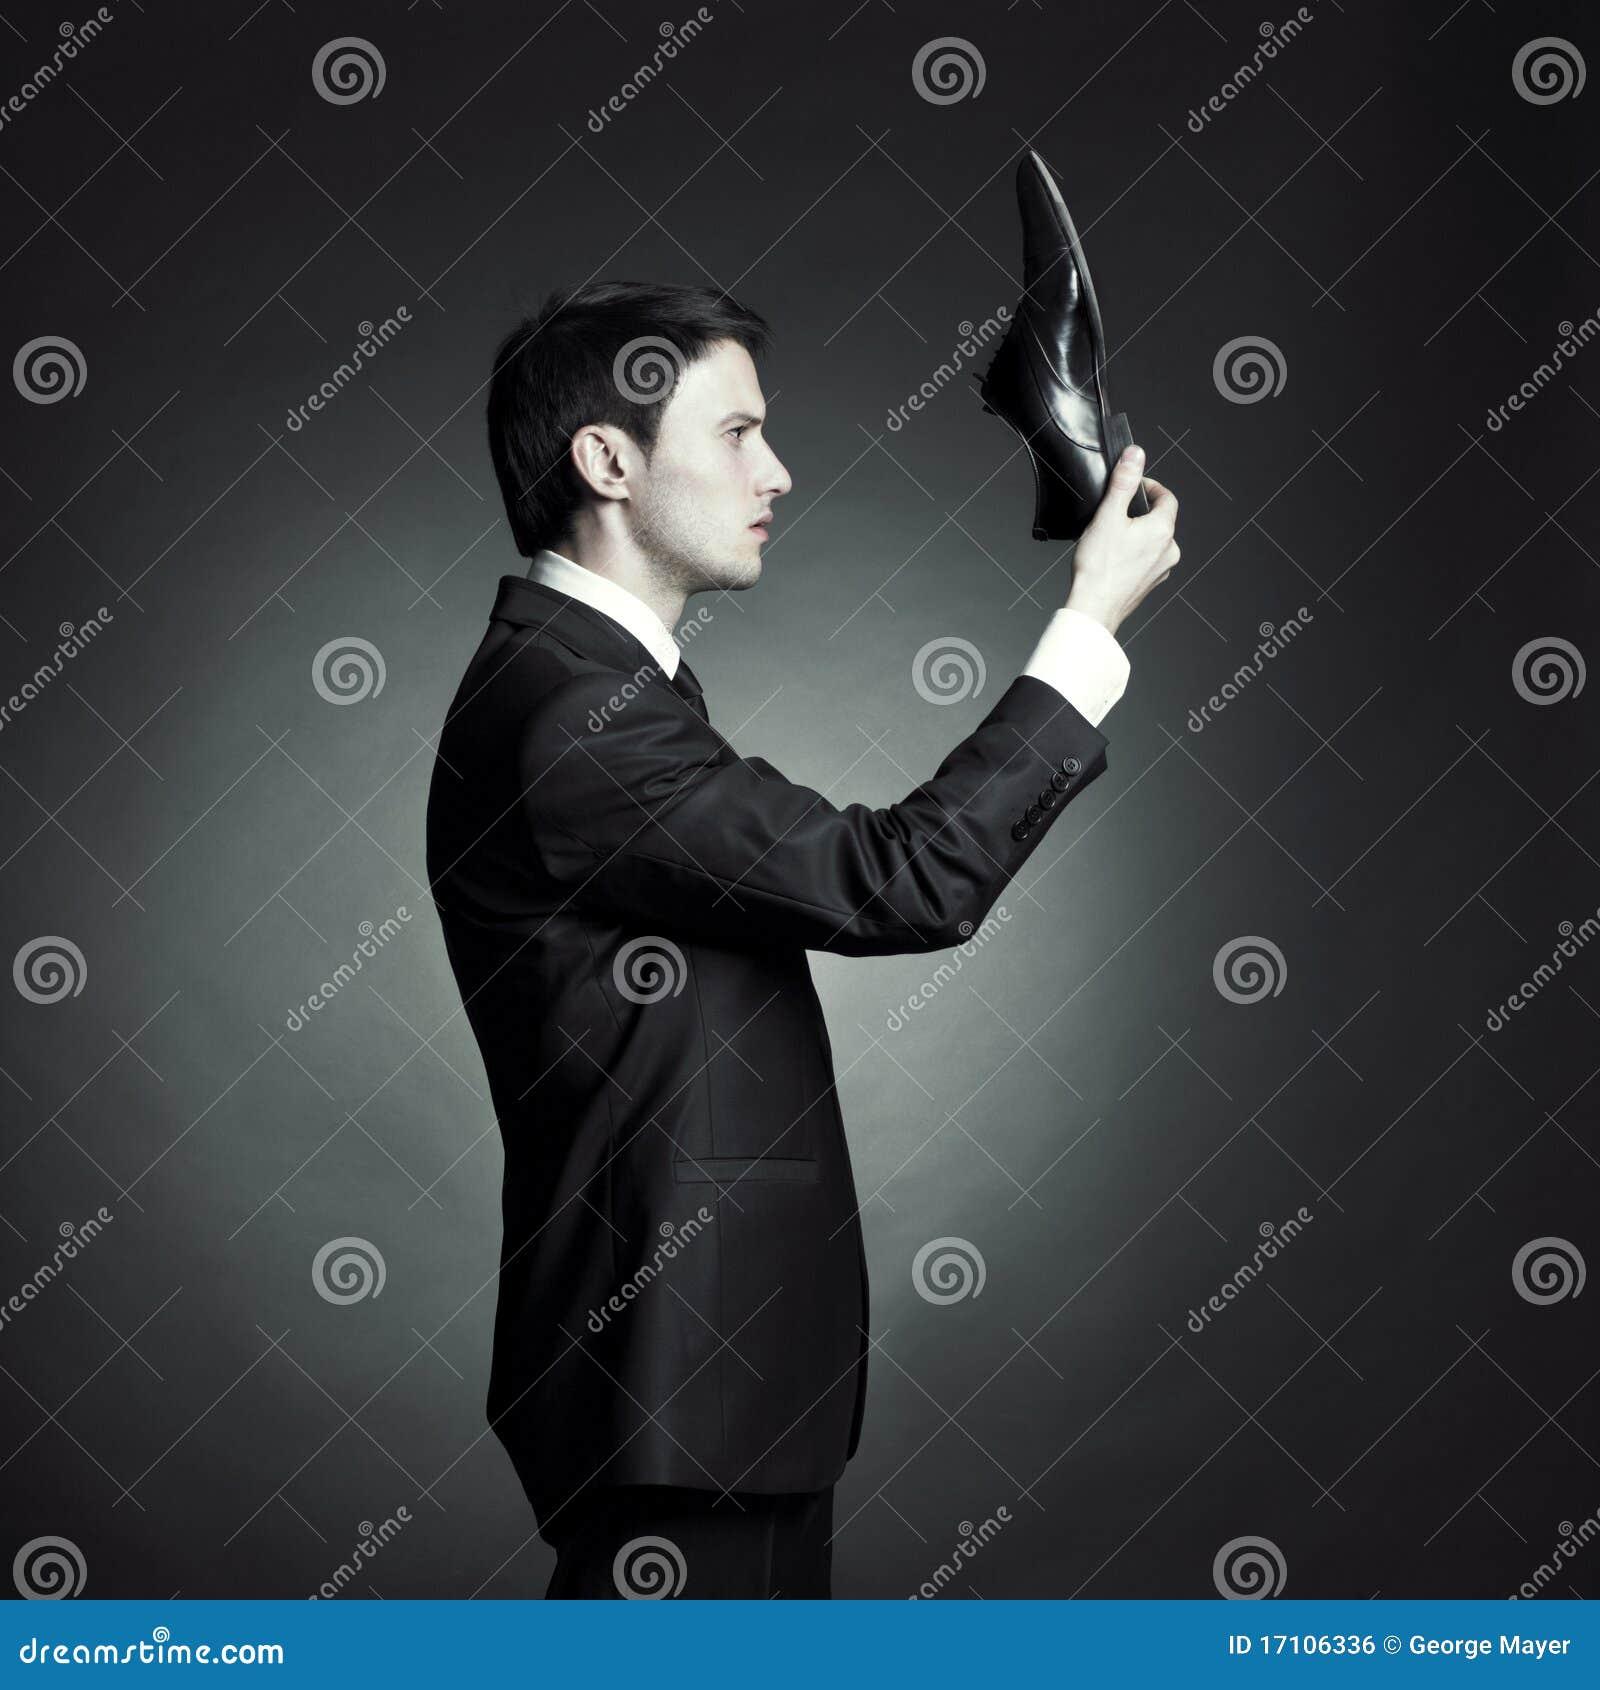 Uomo in vestito elegante e pattini a disposizione